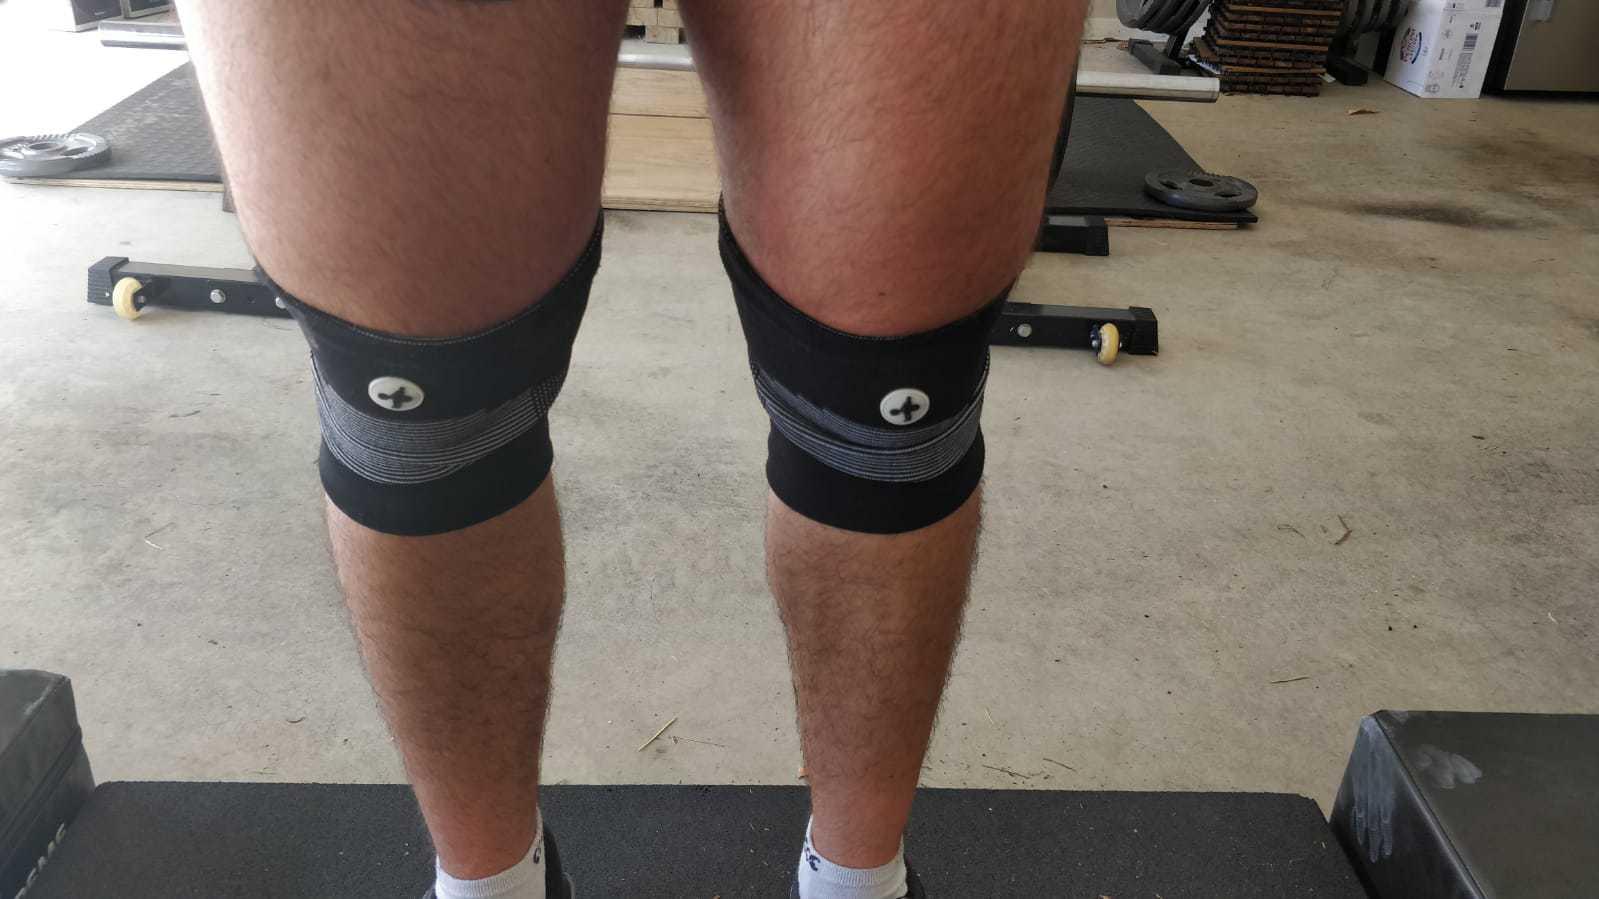 Hookgrip Knee Sleeves Slipped Down